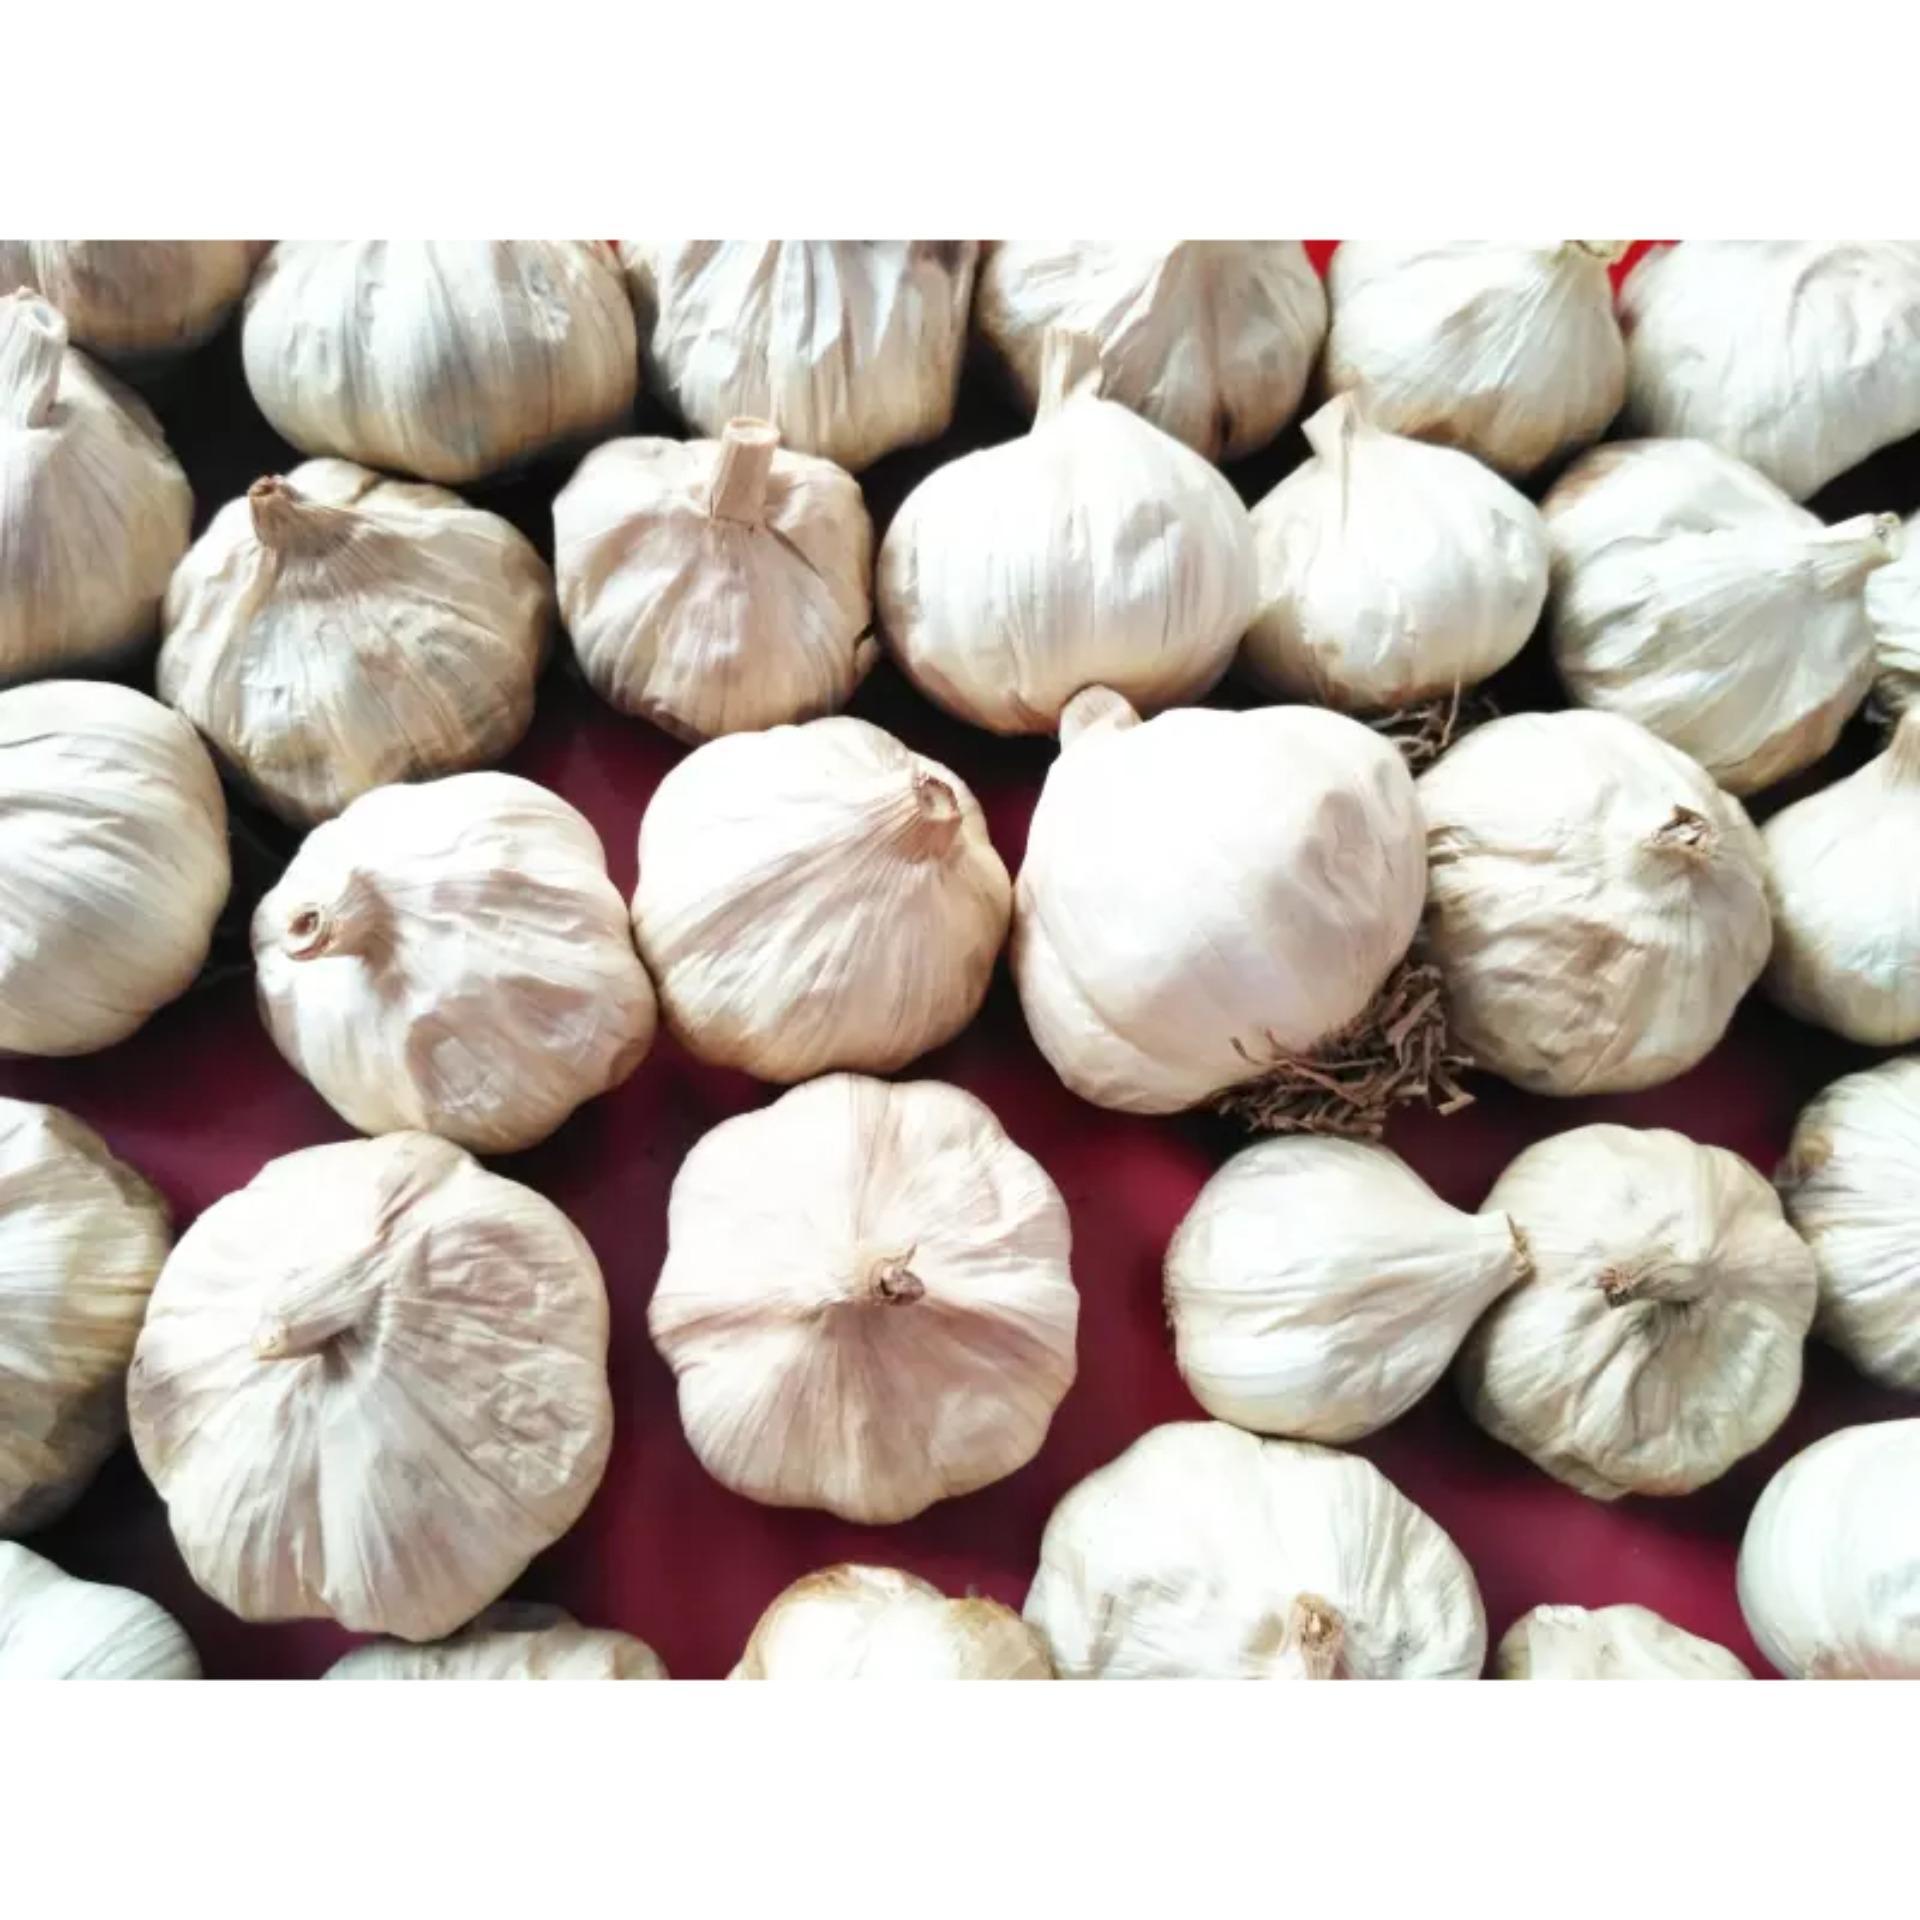 Hot Deals Black Garlic Bawang Hitam Bandingkan Toko Tunggal 500 Gr